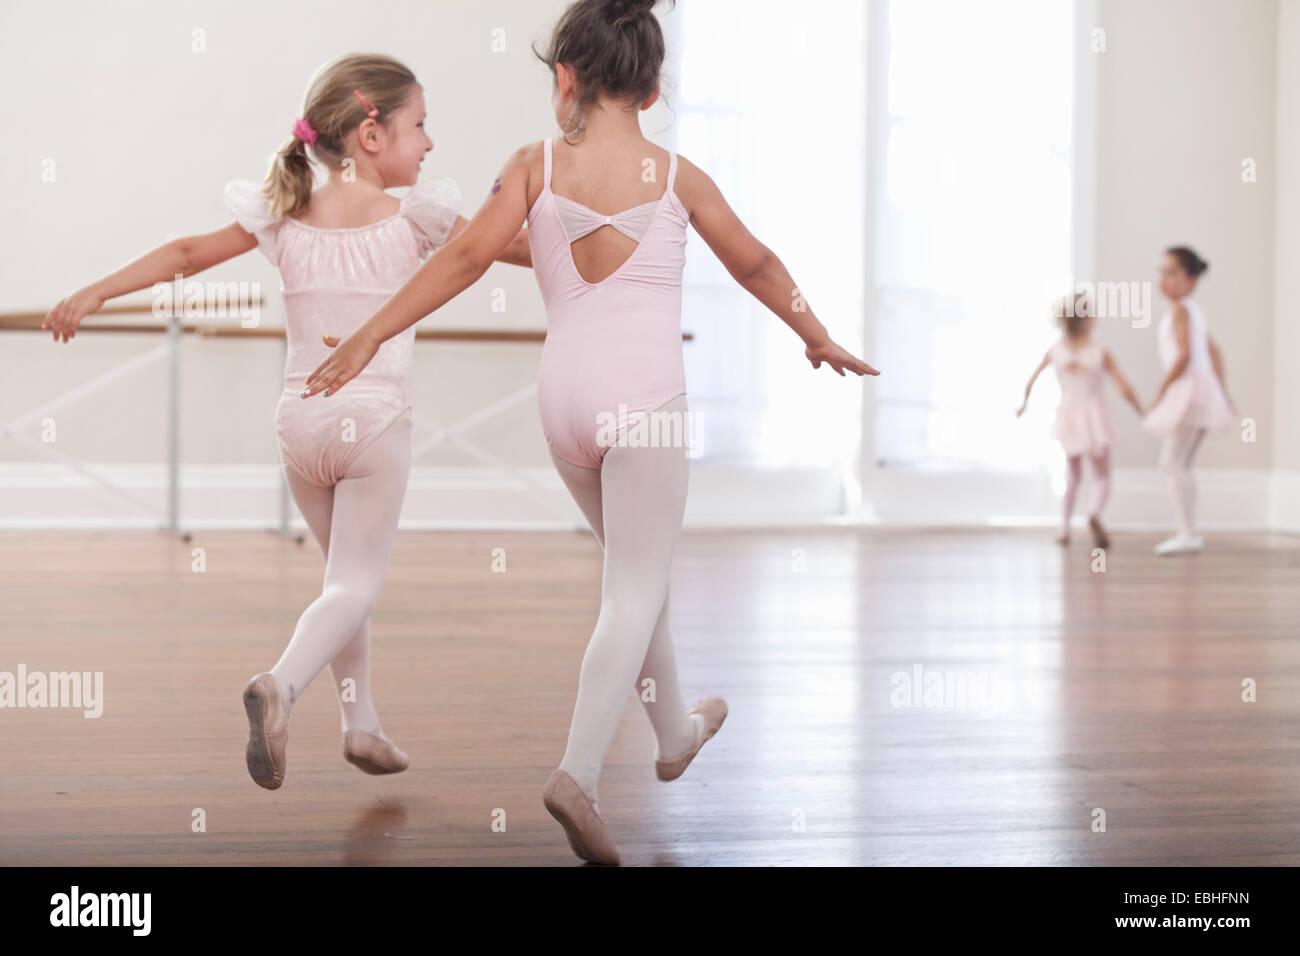 Vue arrière des filles pratiquer saut dans ballet school Photo Stock